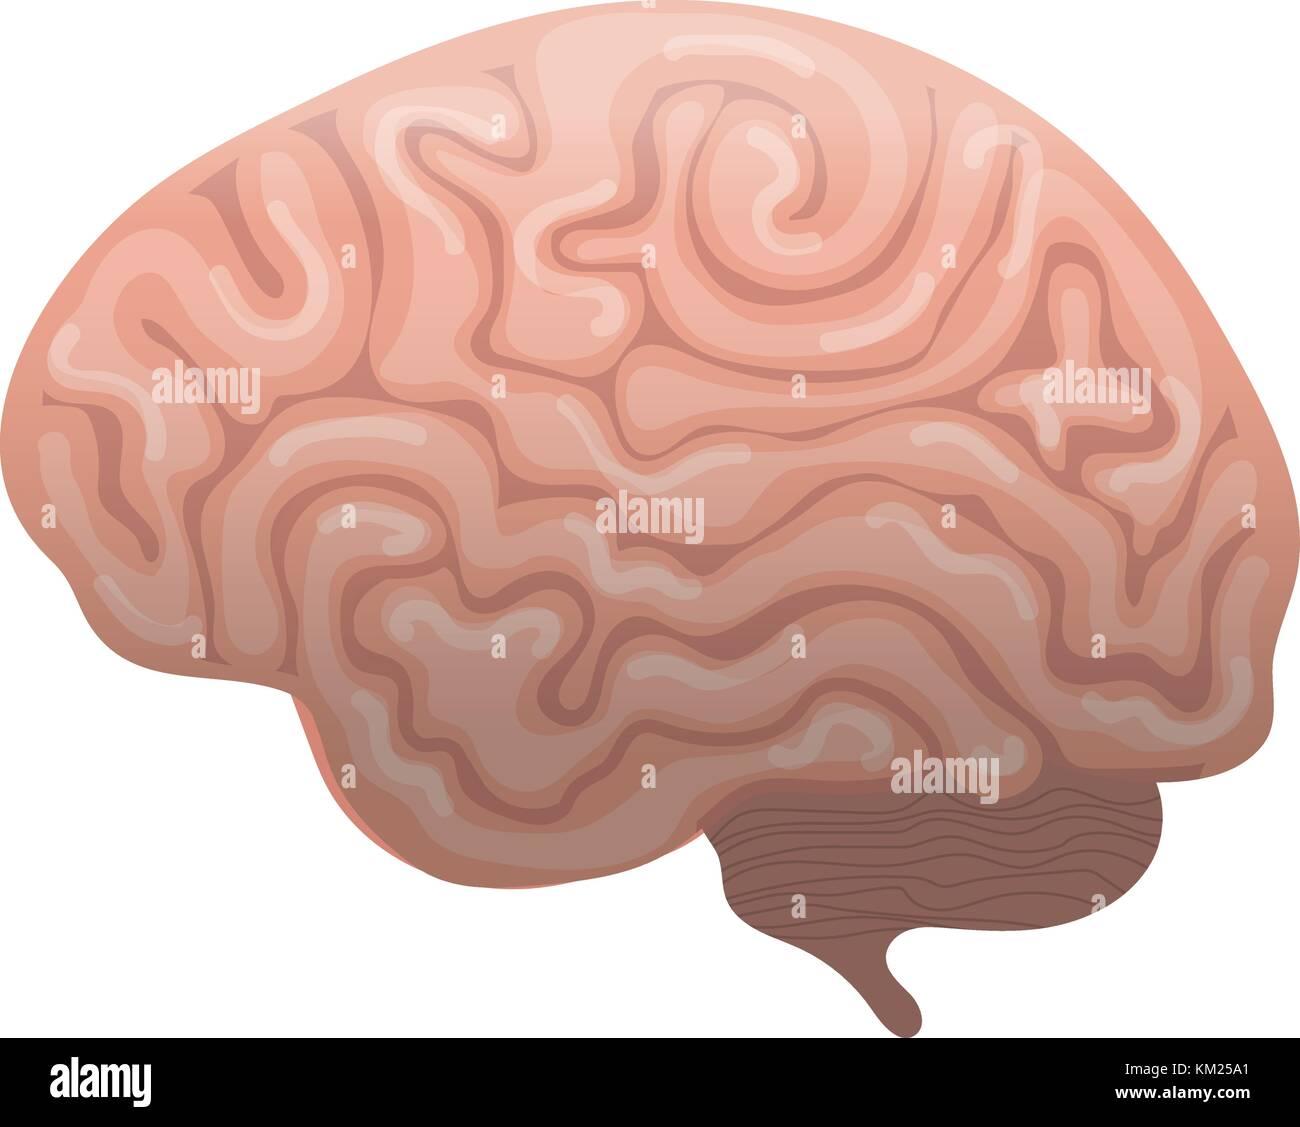 Icono del cerebro humano, tipo plano. Los órganos internos el ...